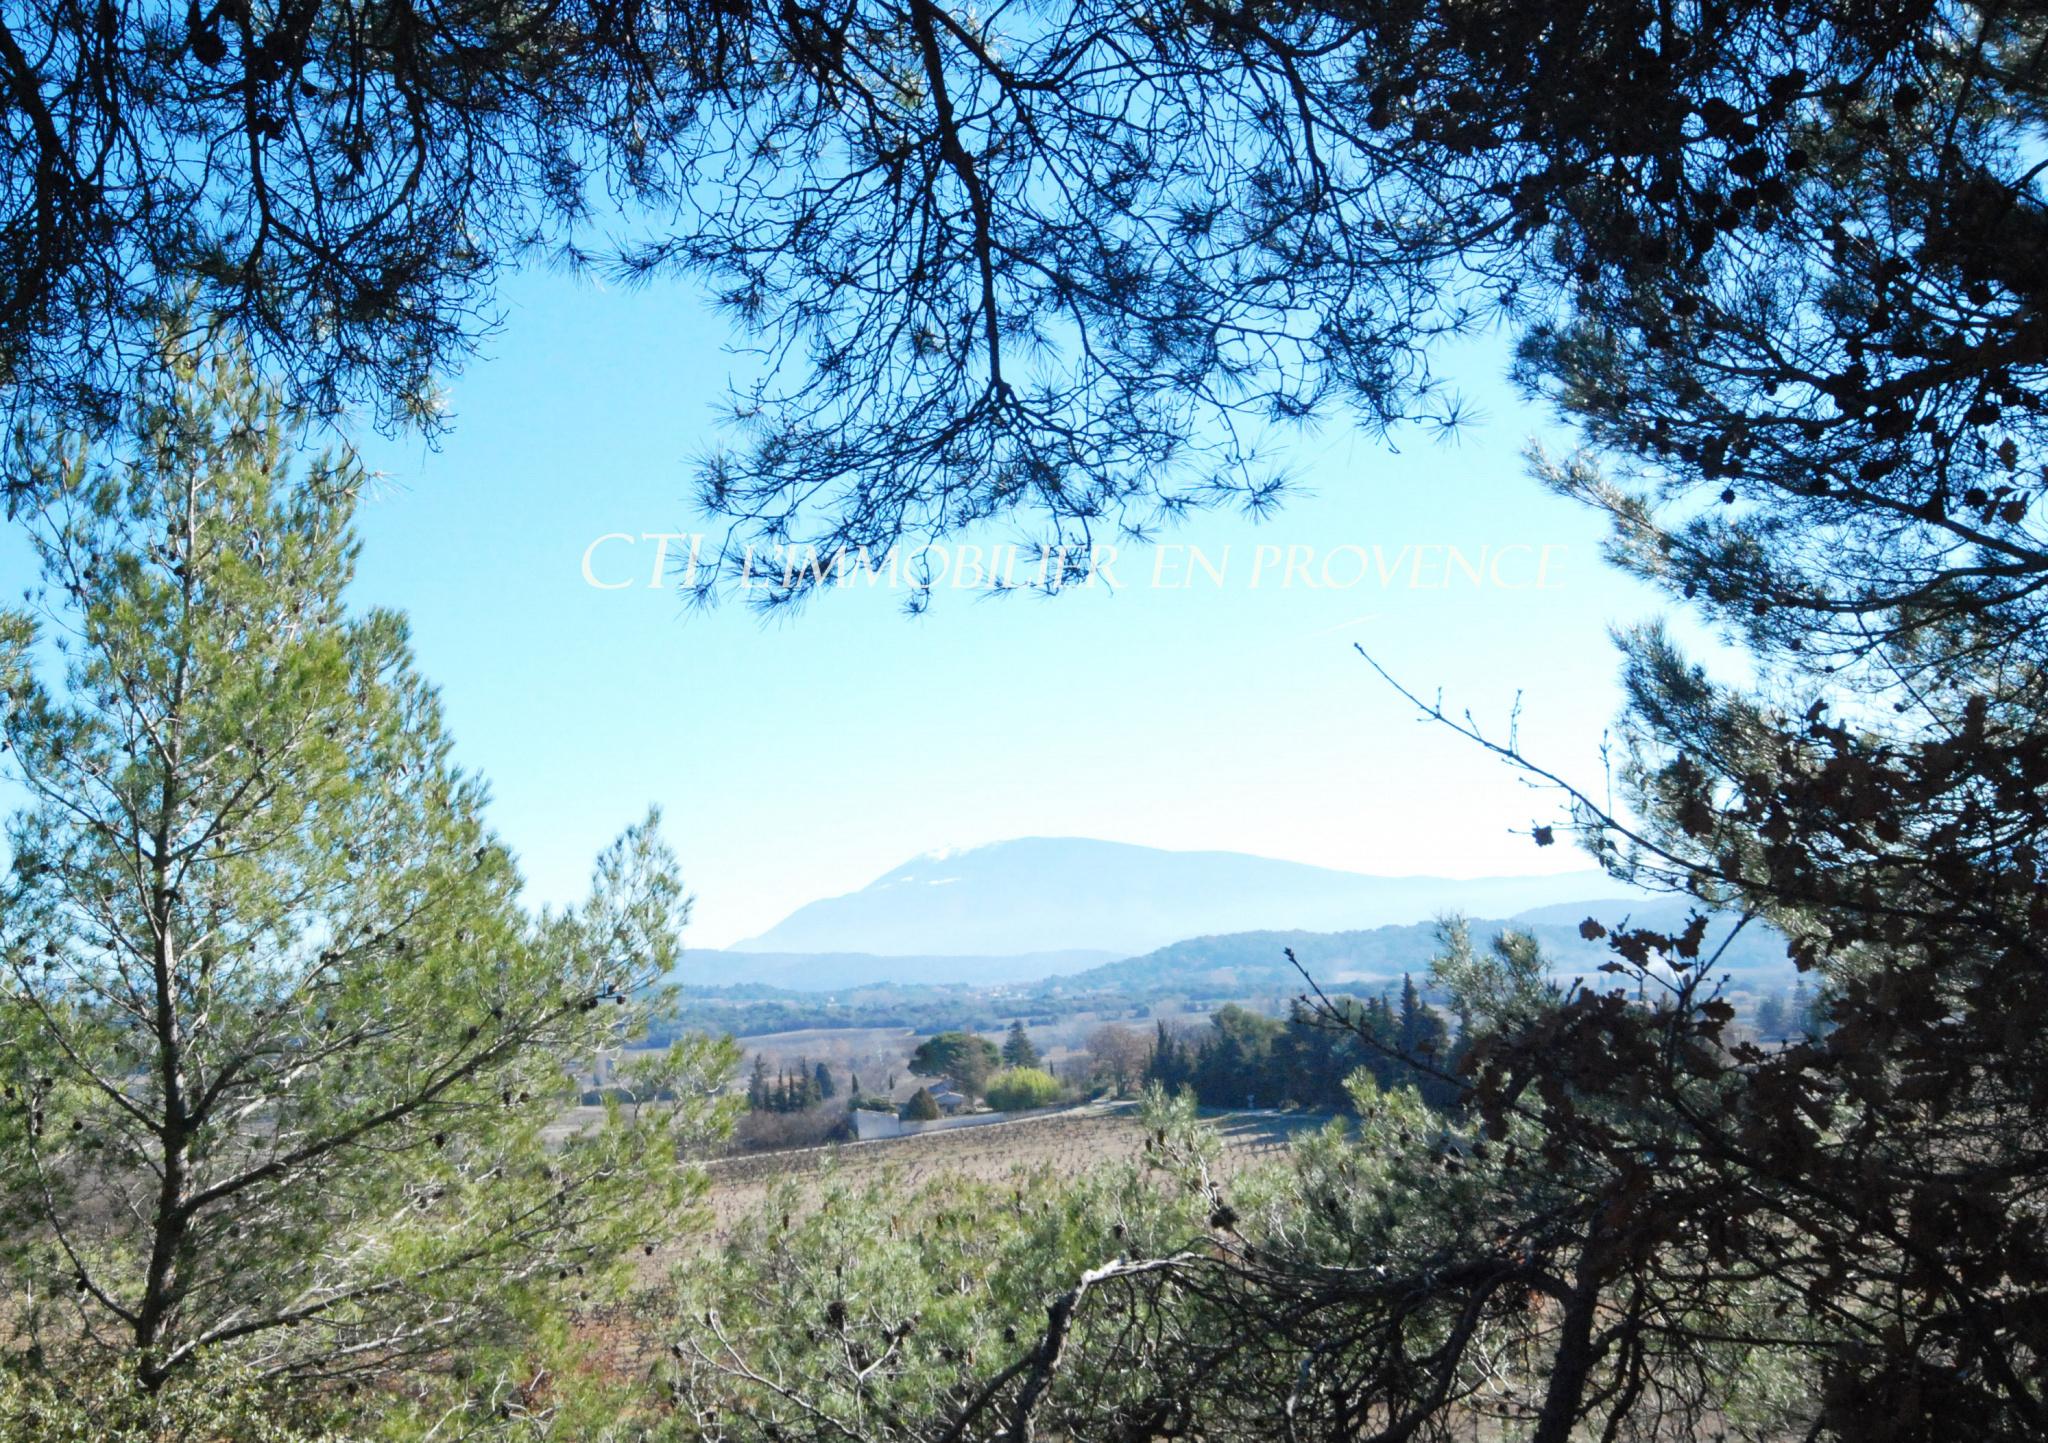 0 A VENDRE www.cti-provence.net VILLA PROVENÇALE DOMINANTE VUE MONT VENTOUX JARDIN GARAGE CAMPAGNE